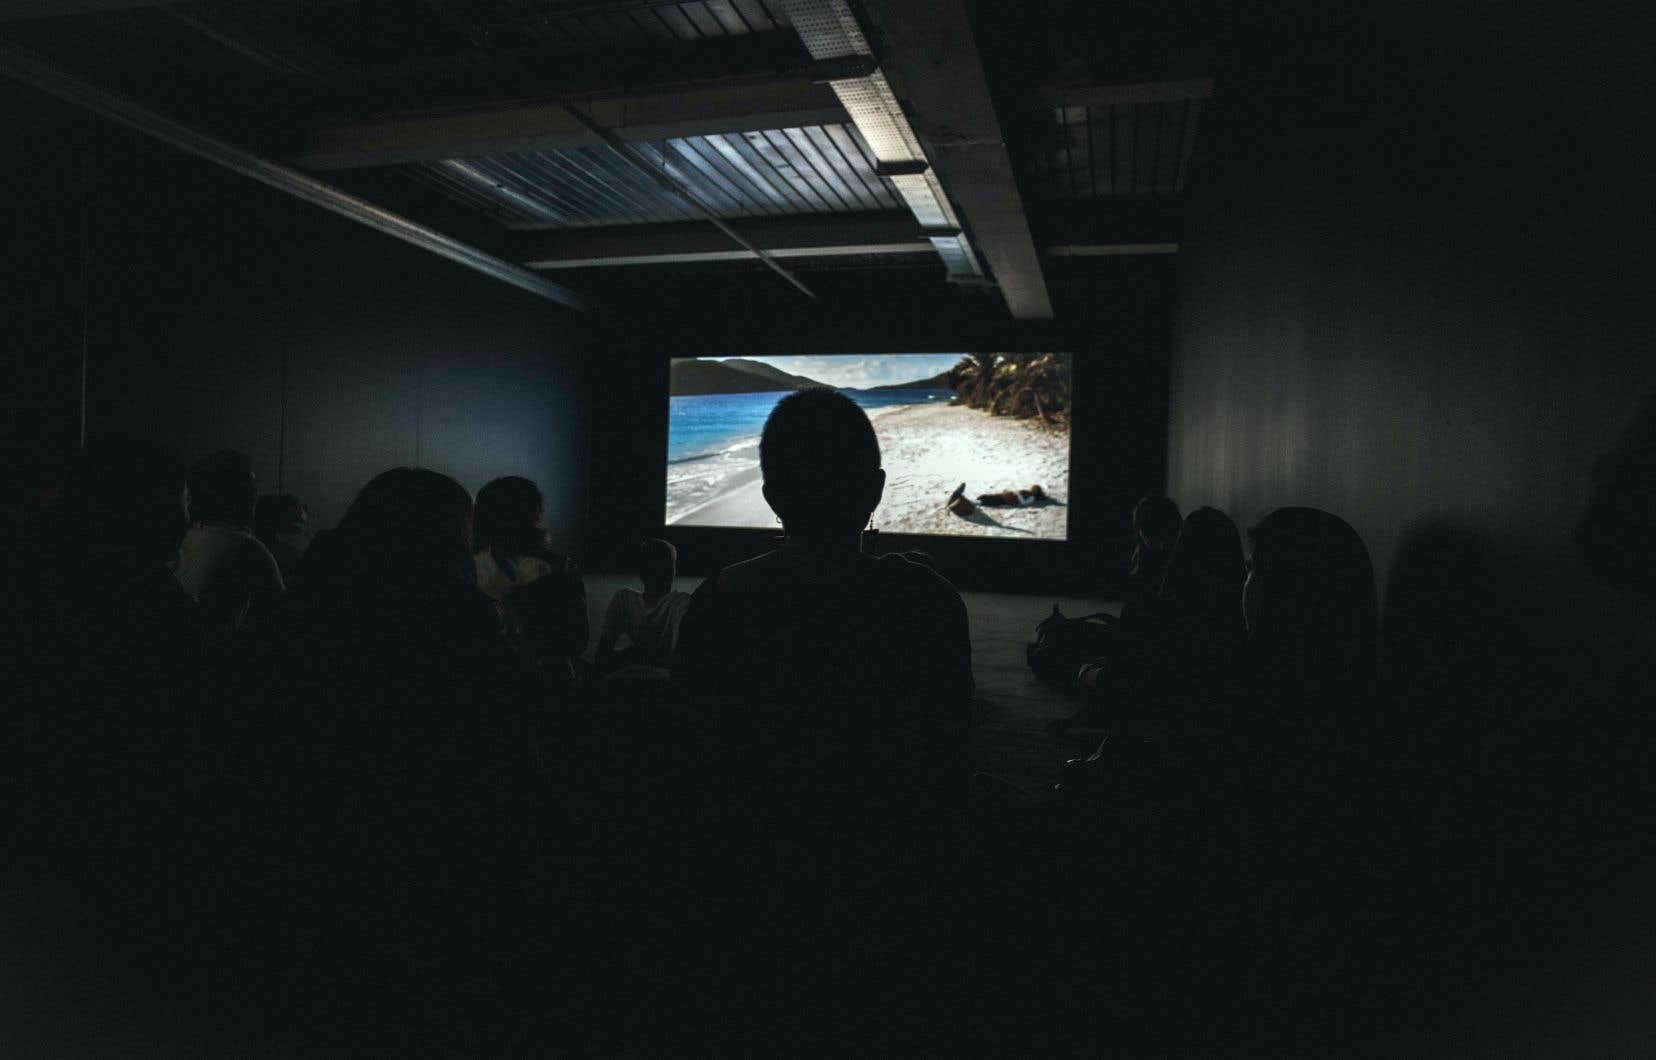 <p>Les travaux d'André Gaudreault portent principalement sur le cinéma des premiers temps, qui s'étend des années 1890 à 1915, sur l'avènement du montage, puis sur la transformation numérique survenue ces dernières années.</p>  <p></p>